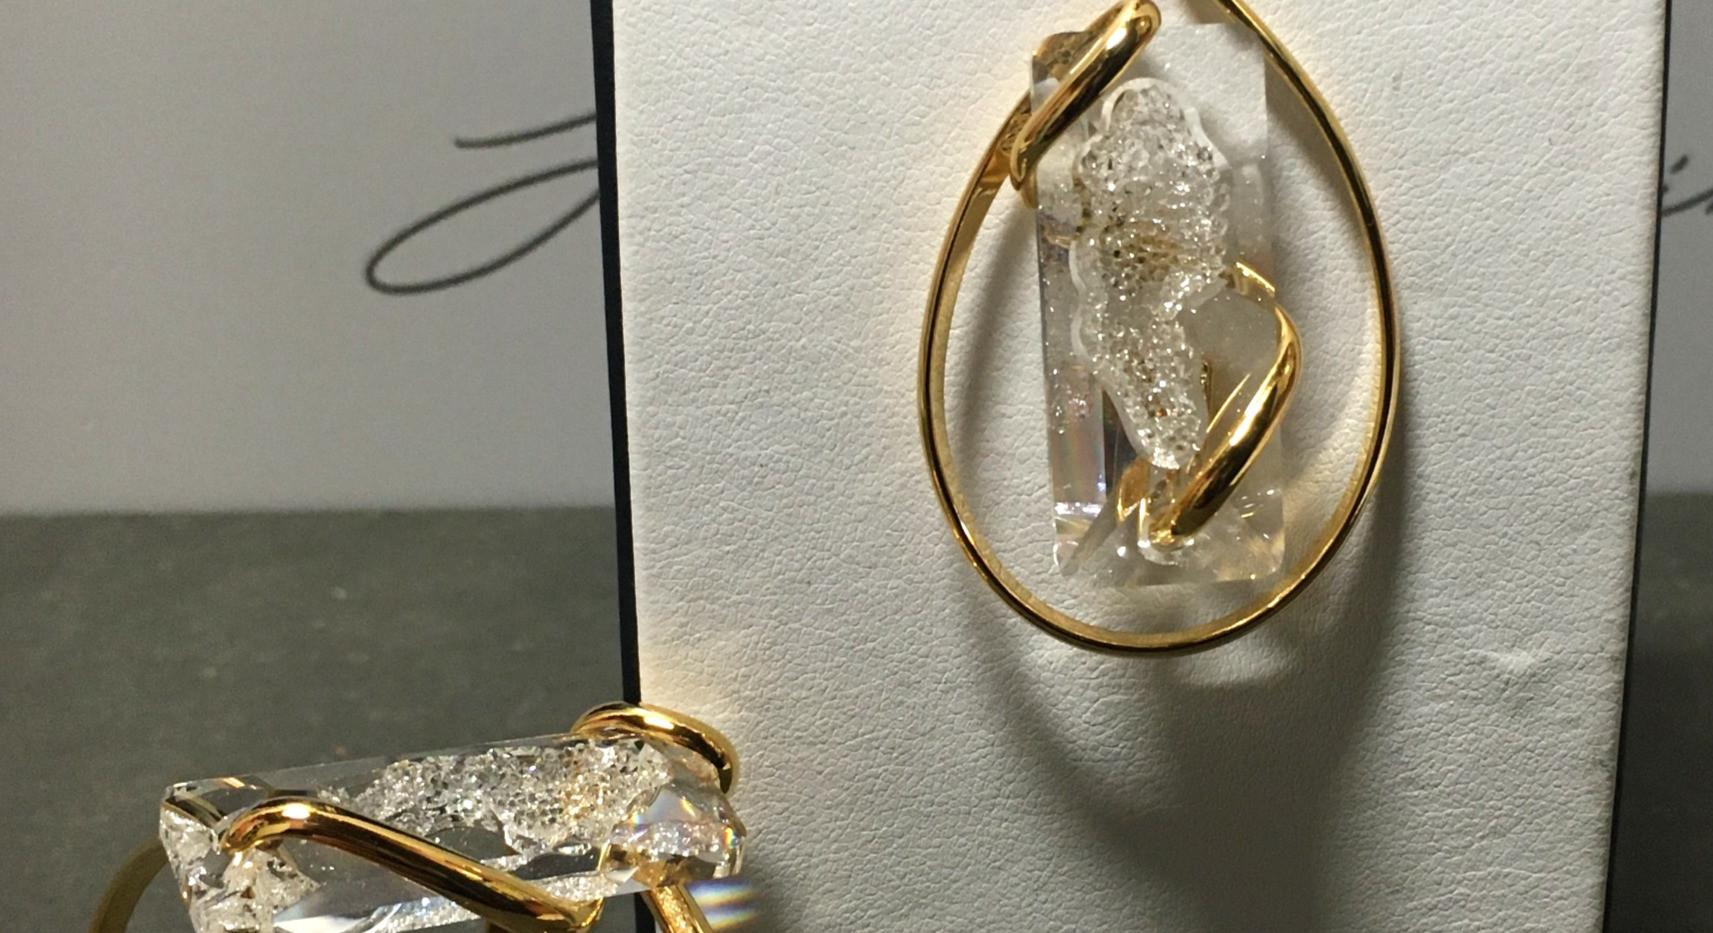 Collier et manchette, plaqué or jaune, cristaux rectangle blanc. 165€